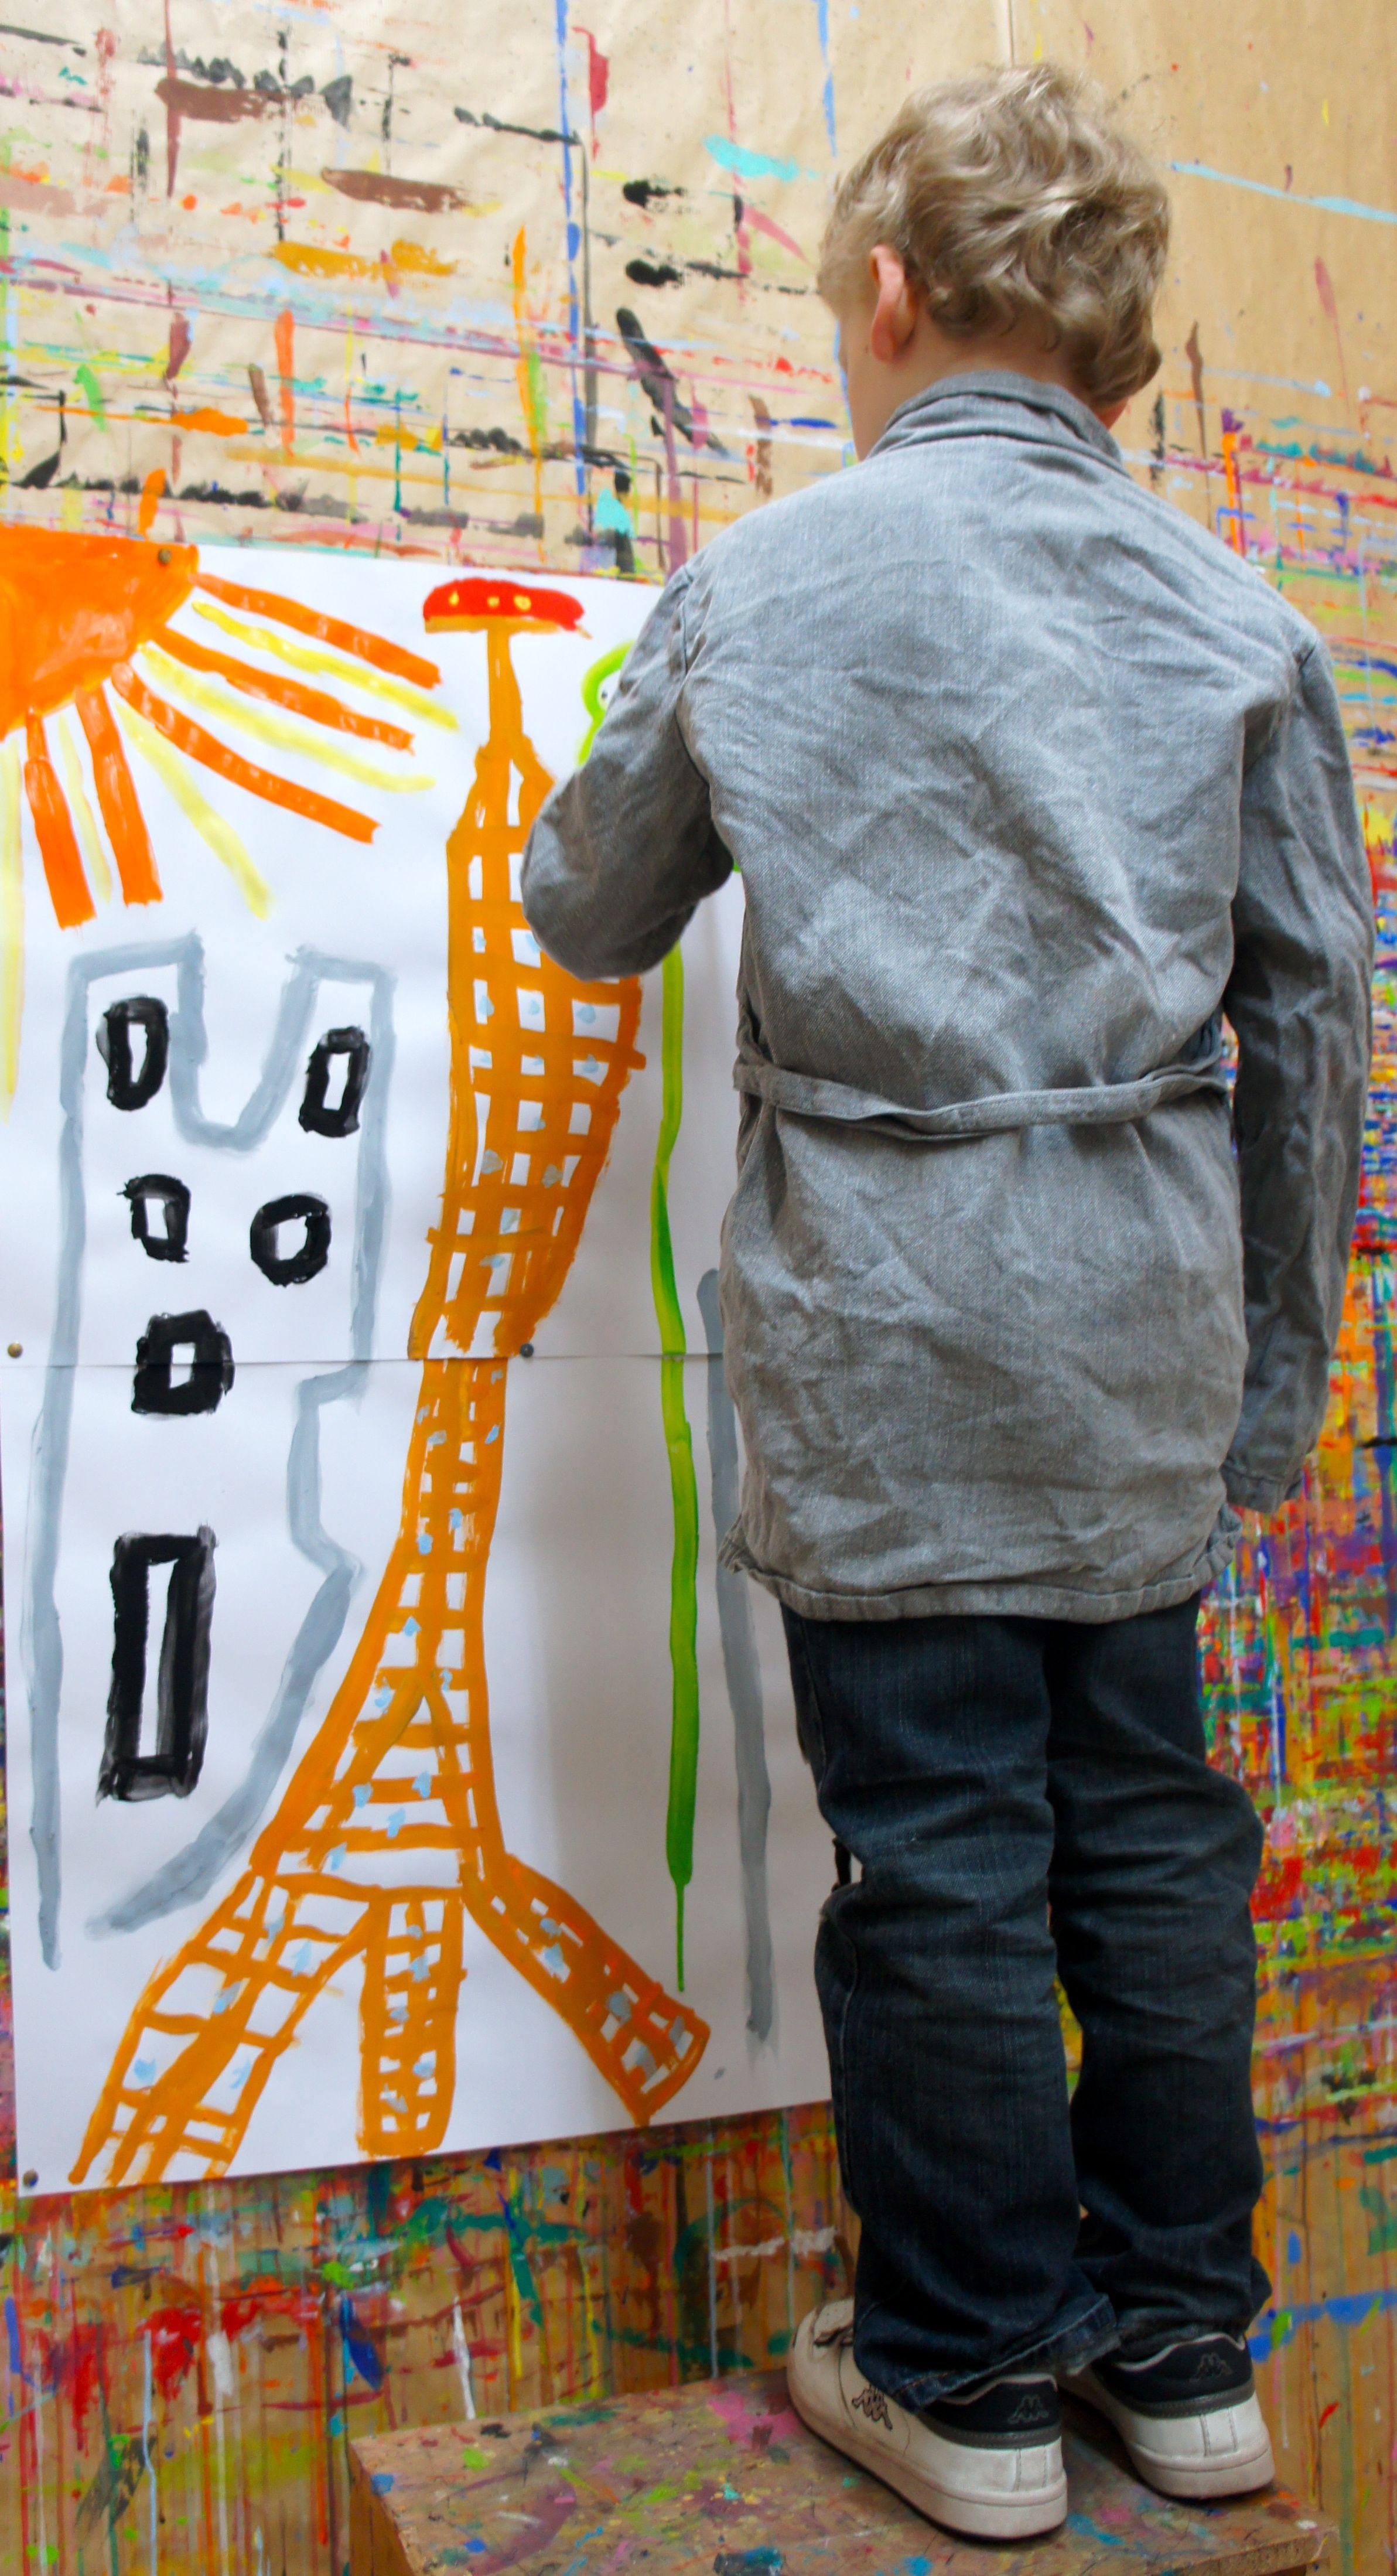 Peinture d'enfant. Les rayons réalisés avec un mélange de couleurs rouge/orange/jaune occupent l'angle du tableau.